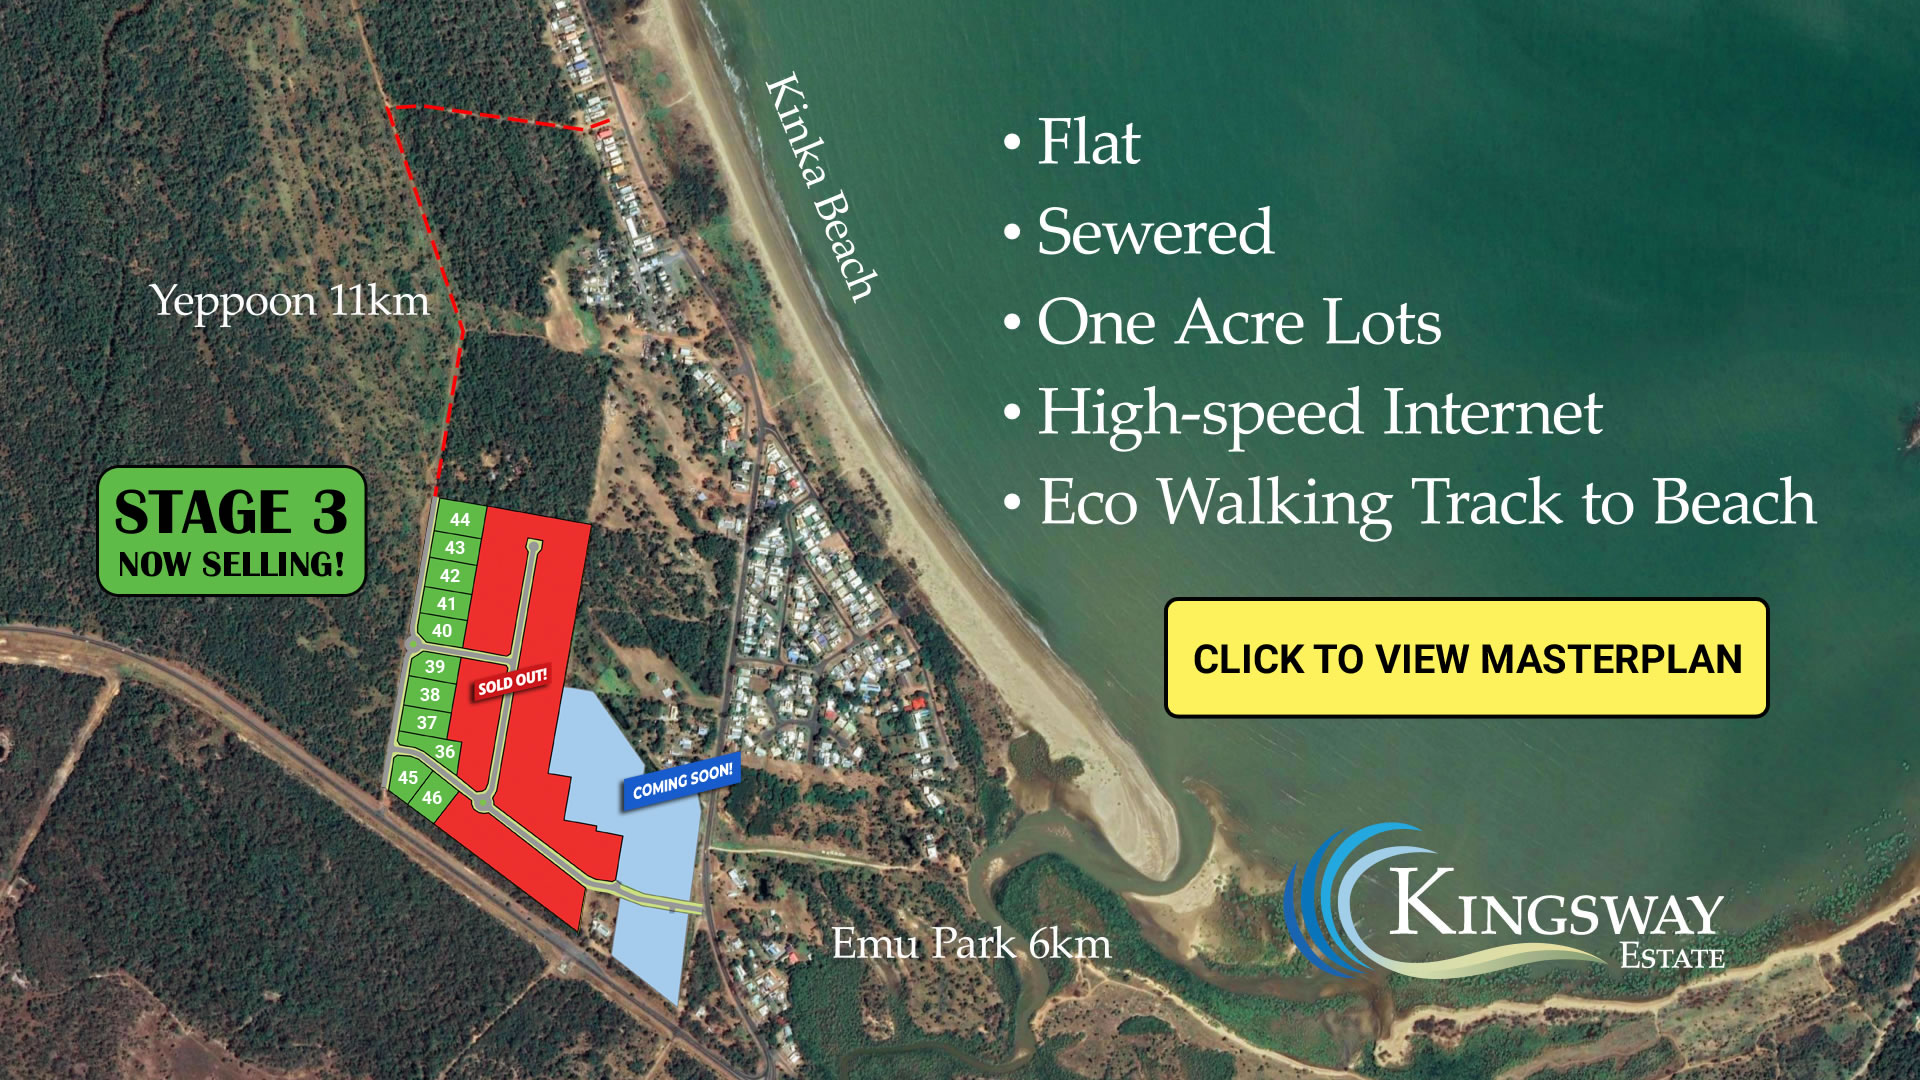 Kingsway Estate Masterplan